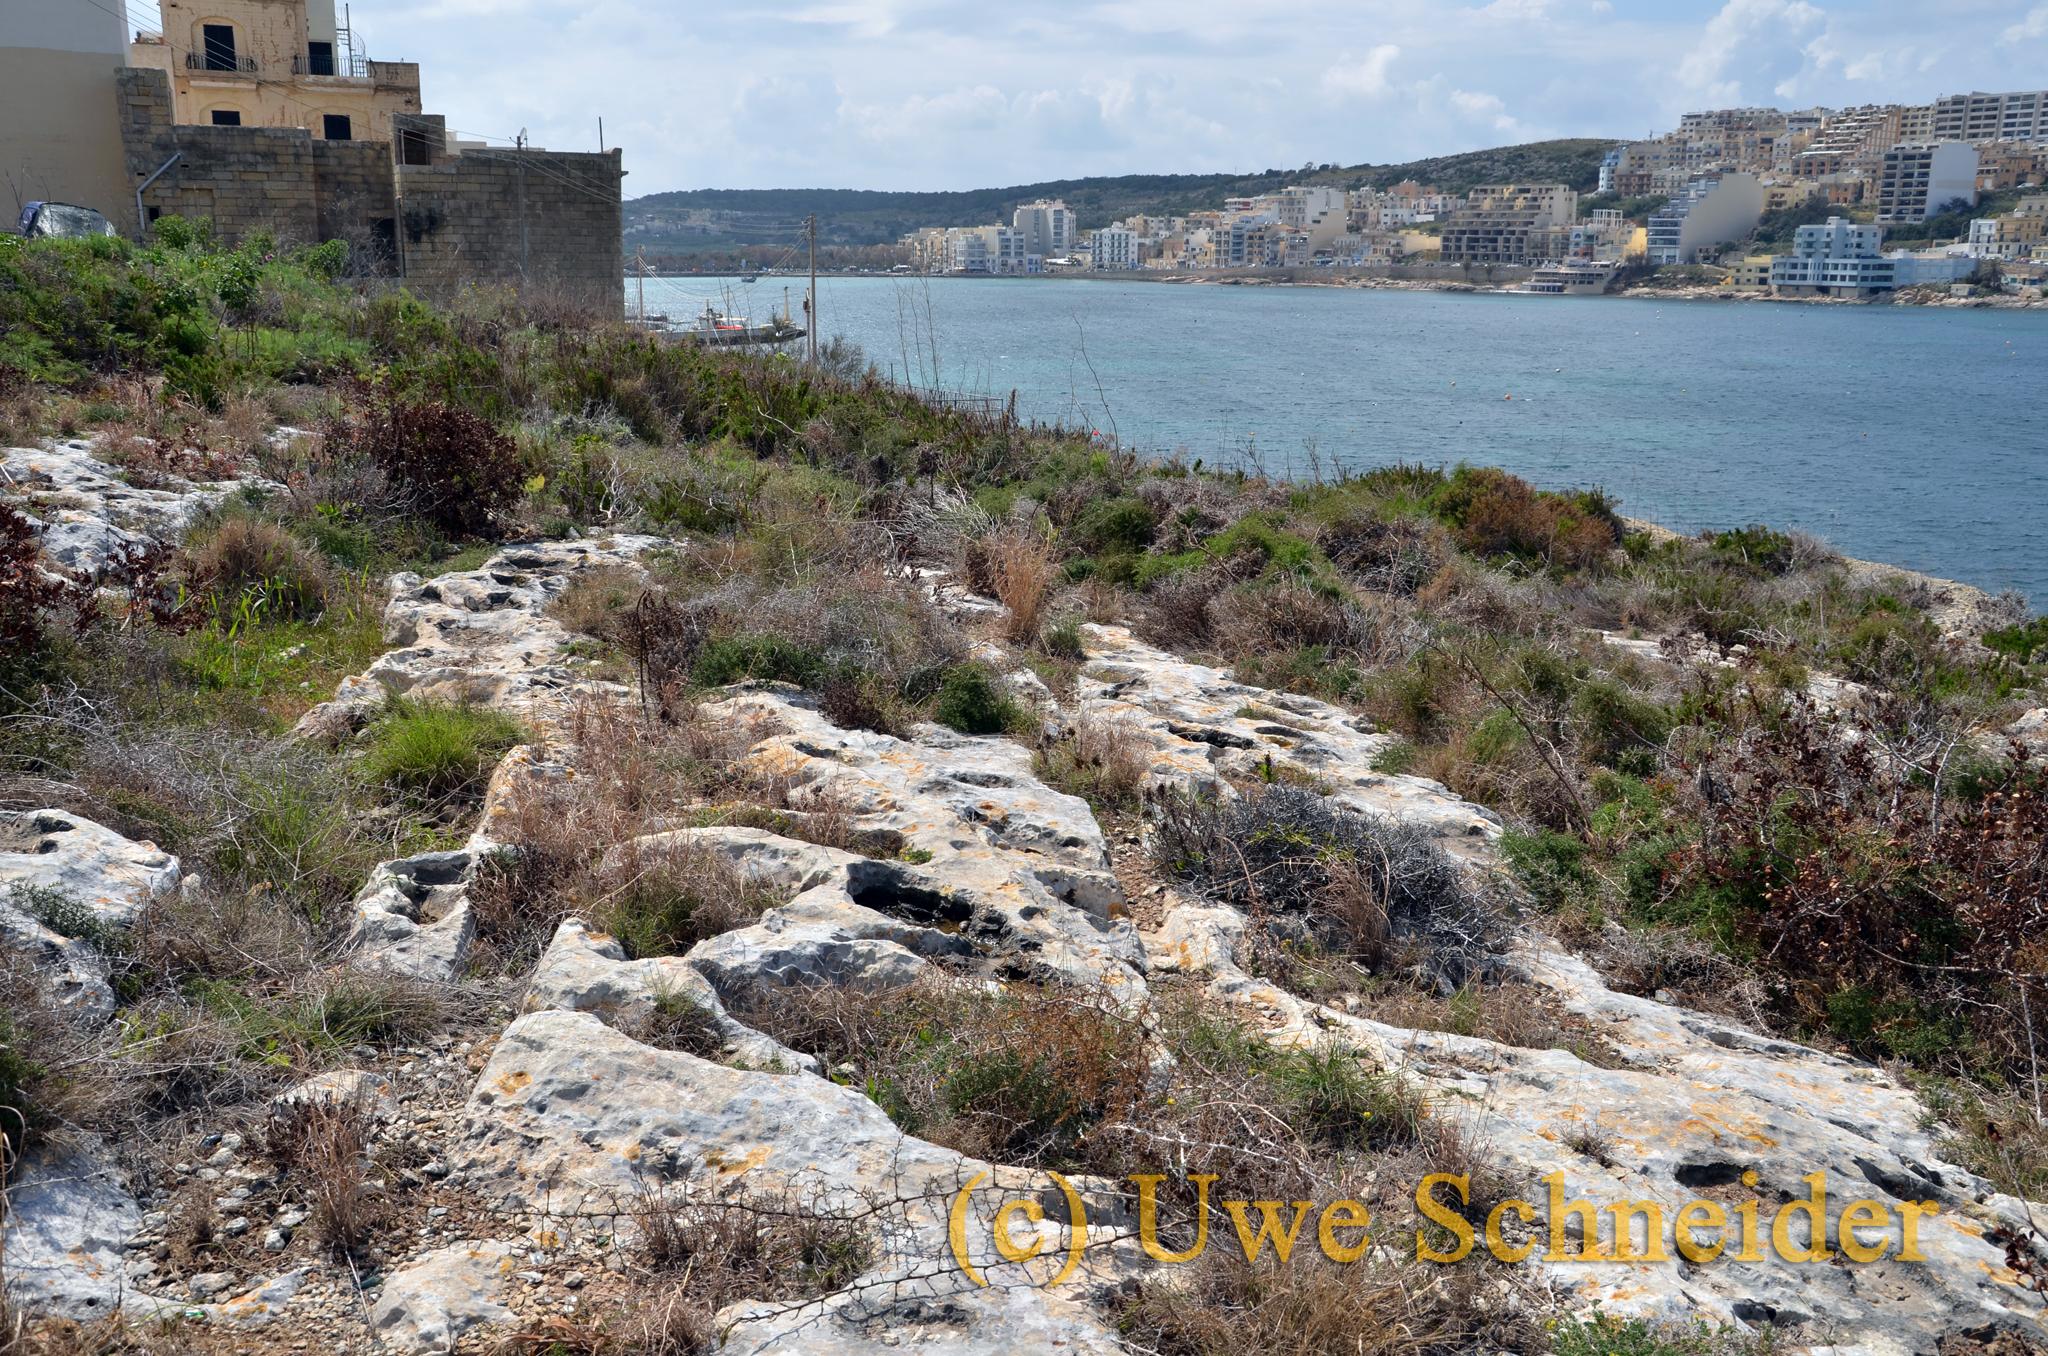 Cart-ruts in San Pawl il-Baħar